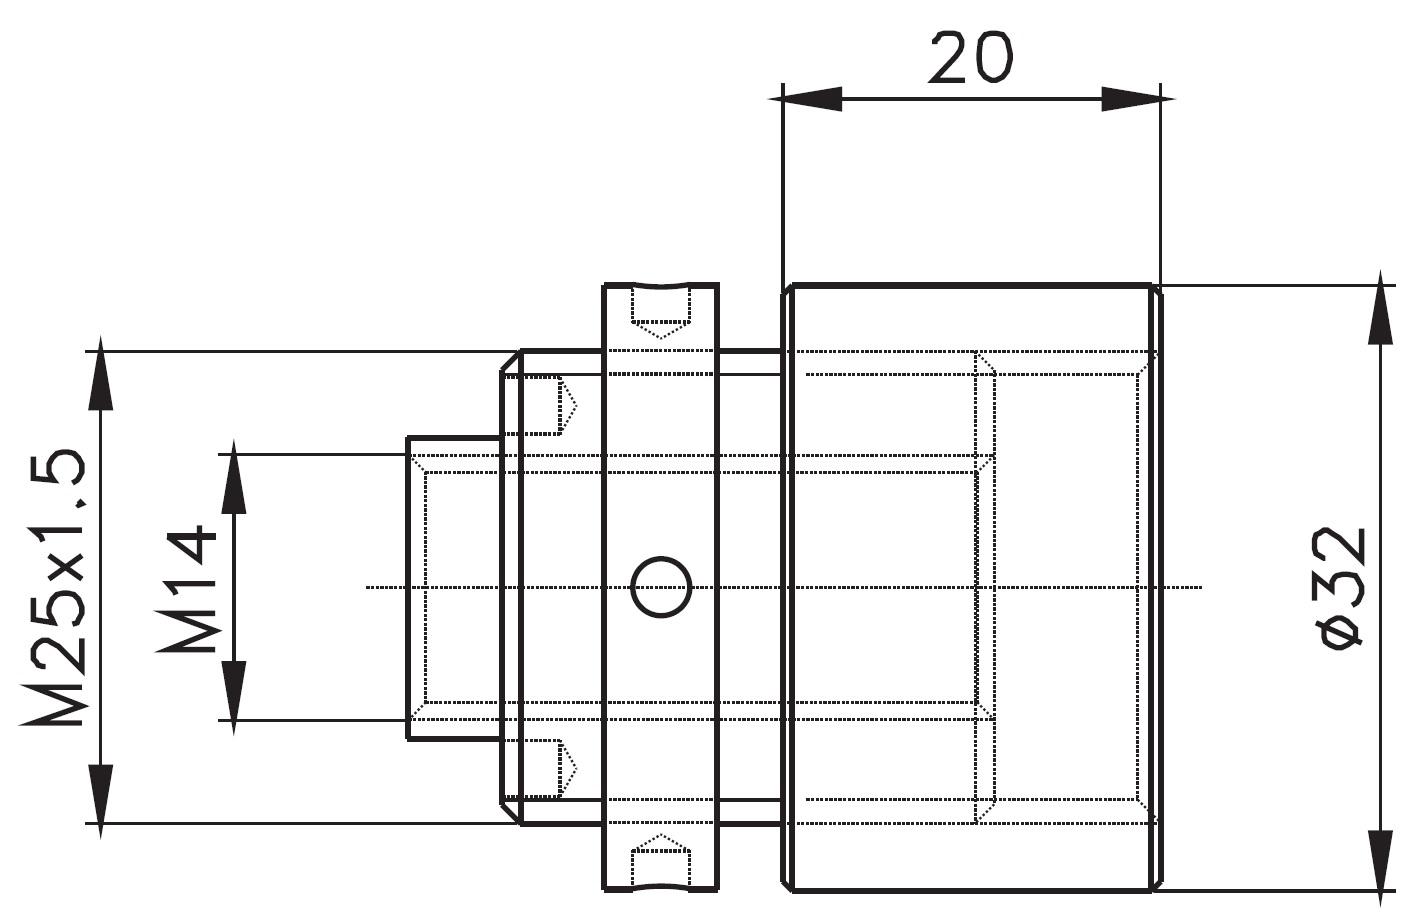 SK-32x20 / SPIDER KONNEKTÖRÜ 32x20 (10mm AYARLI) Teknik Çizim